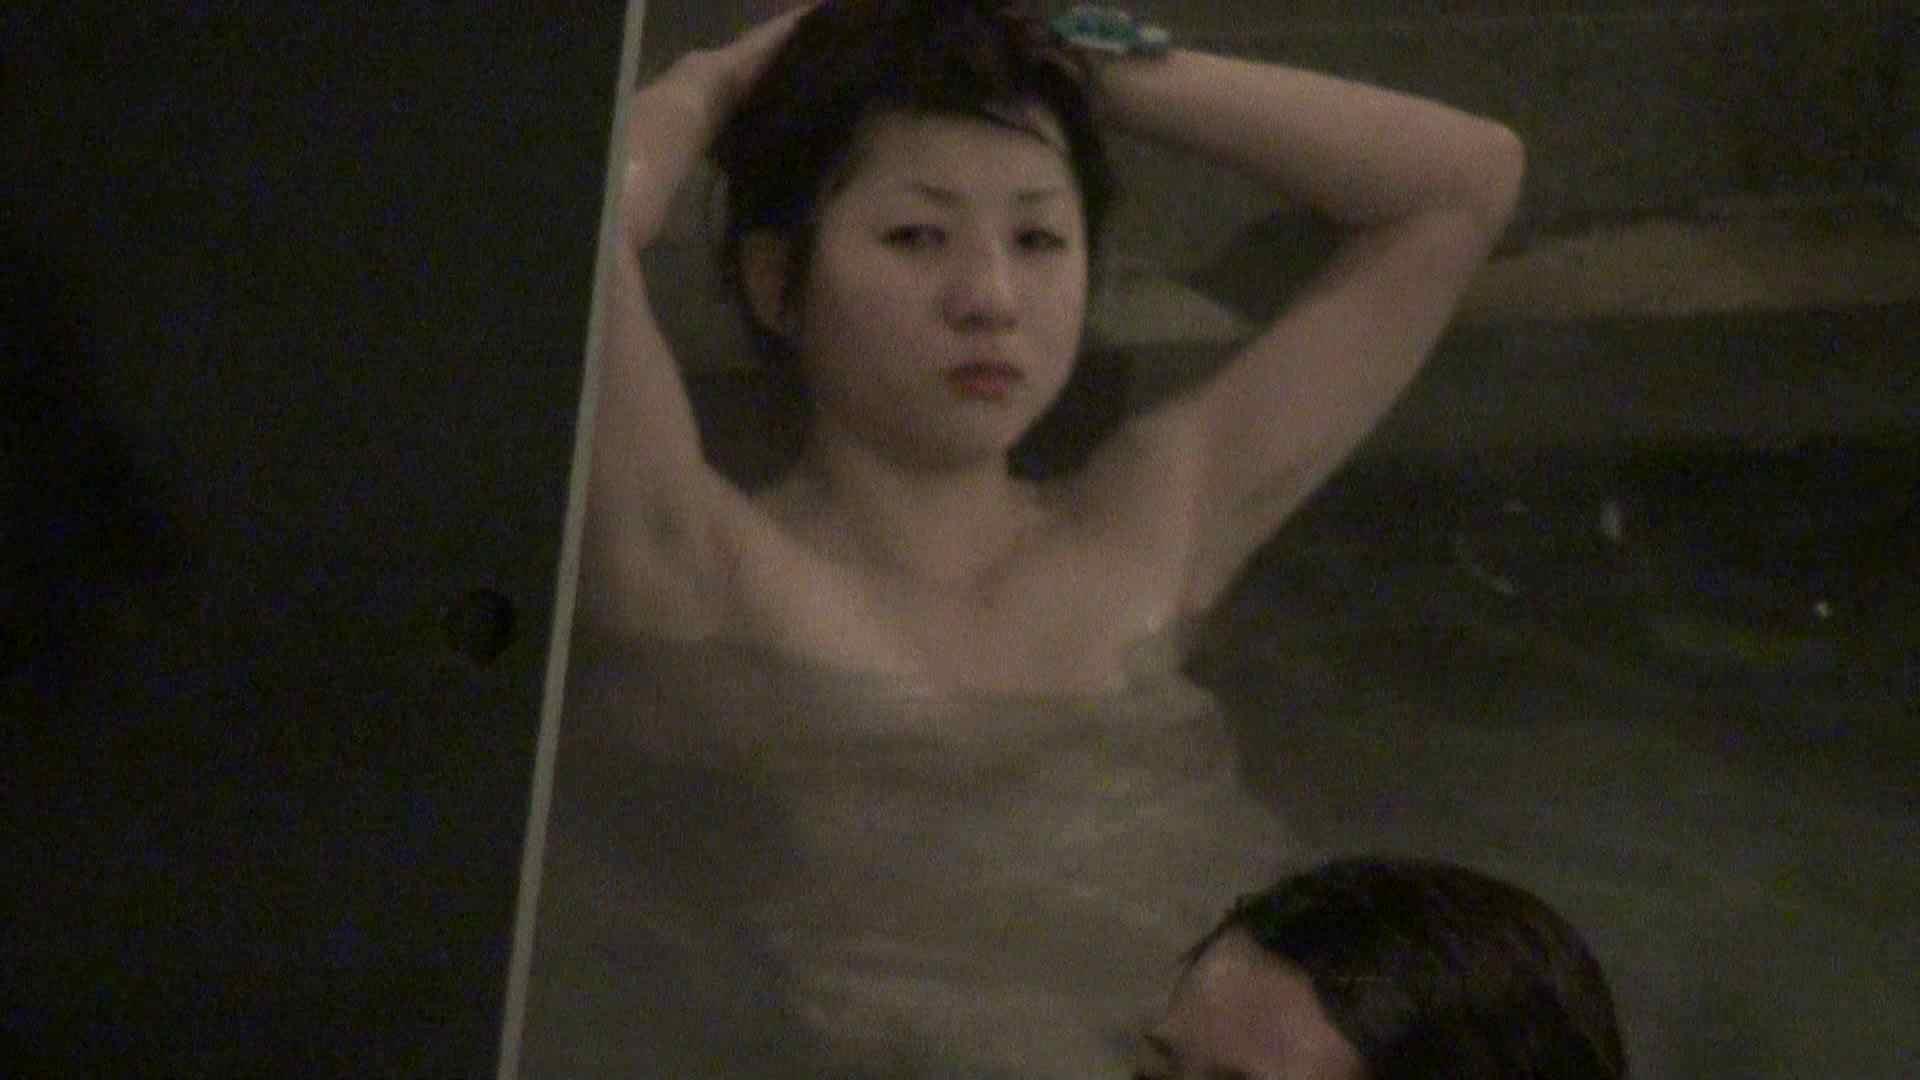 Aquaな露天風呂Vol.440 盗撮  63画像 57